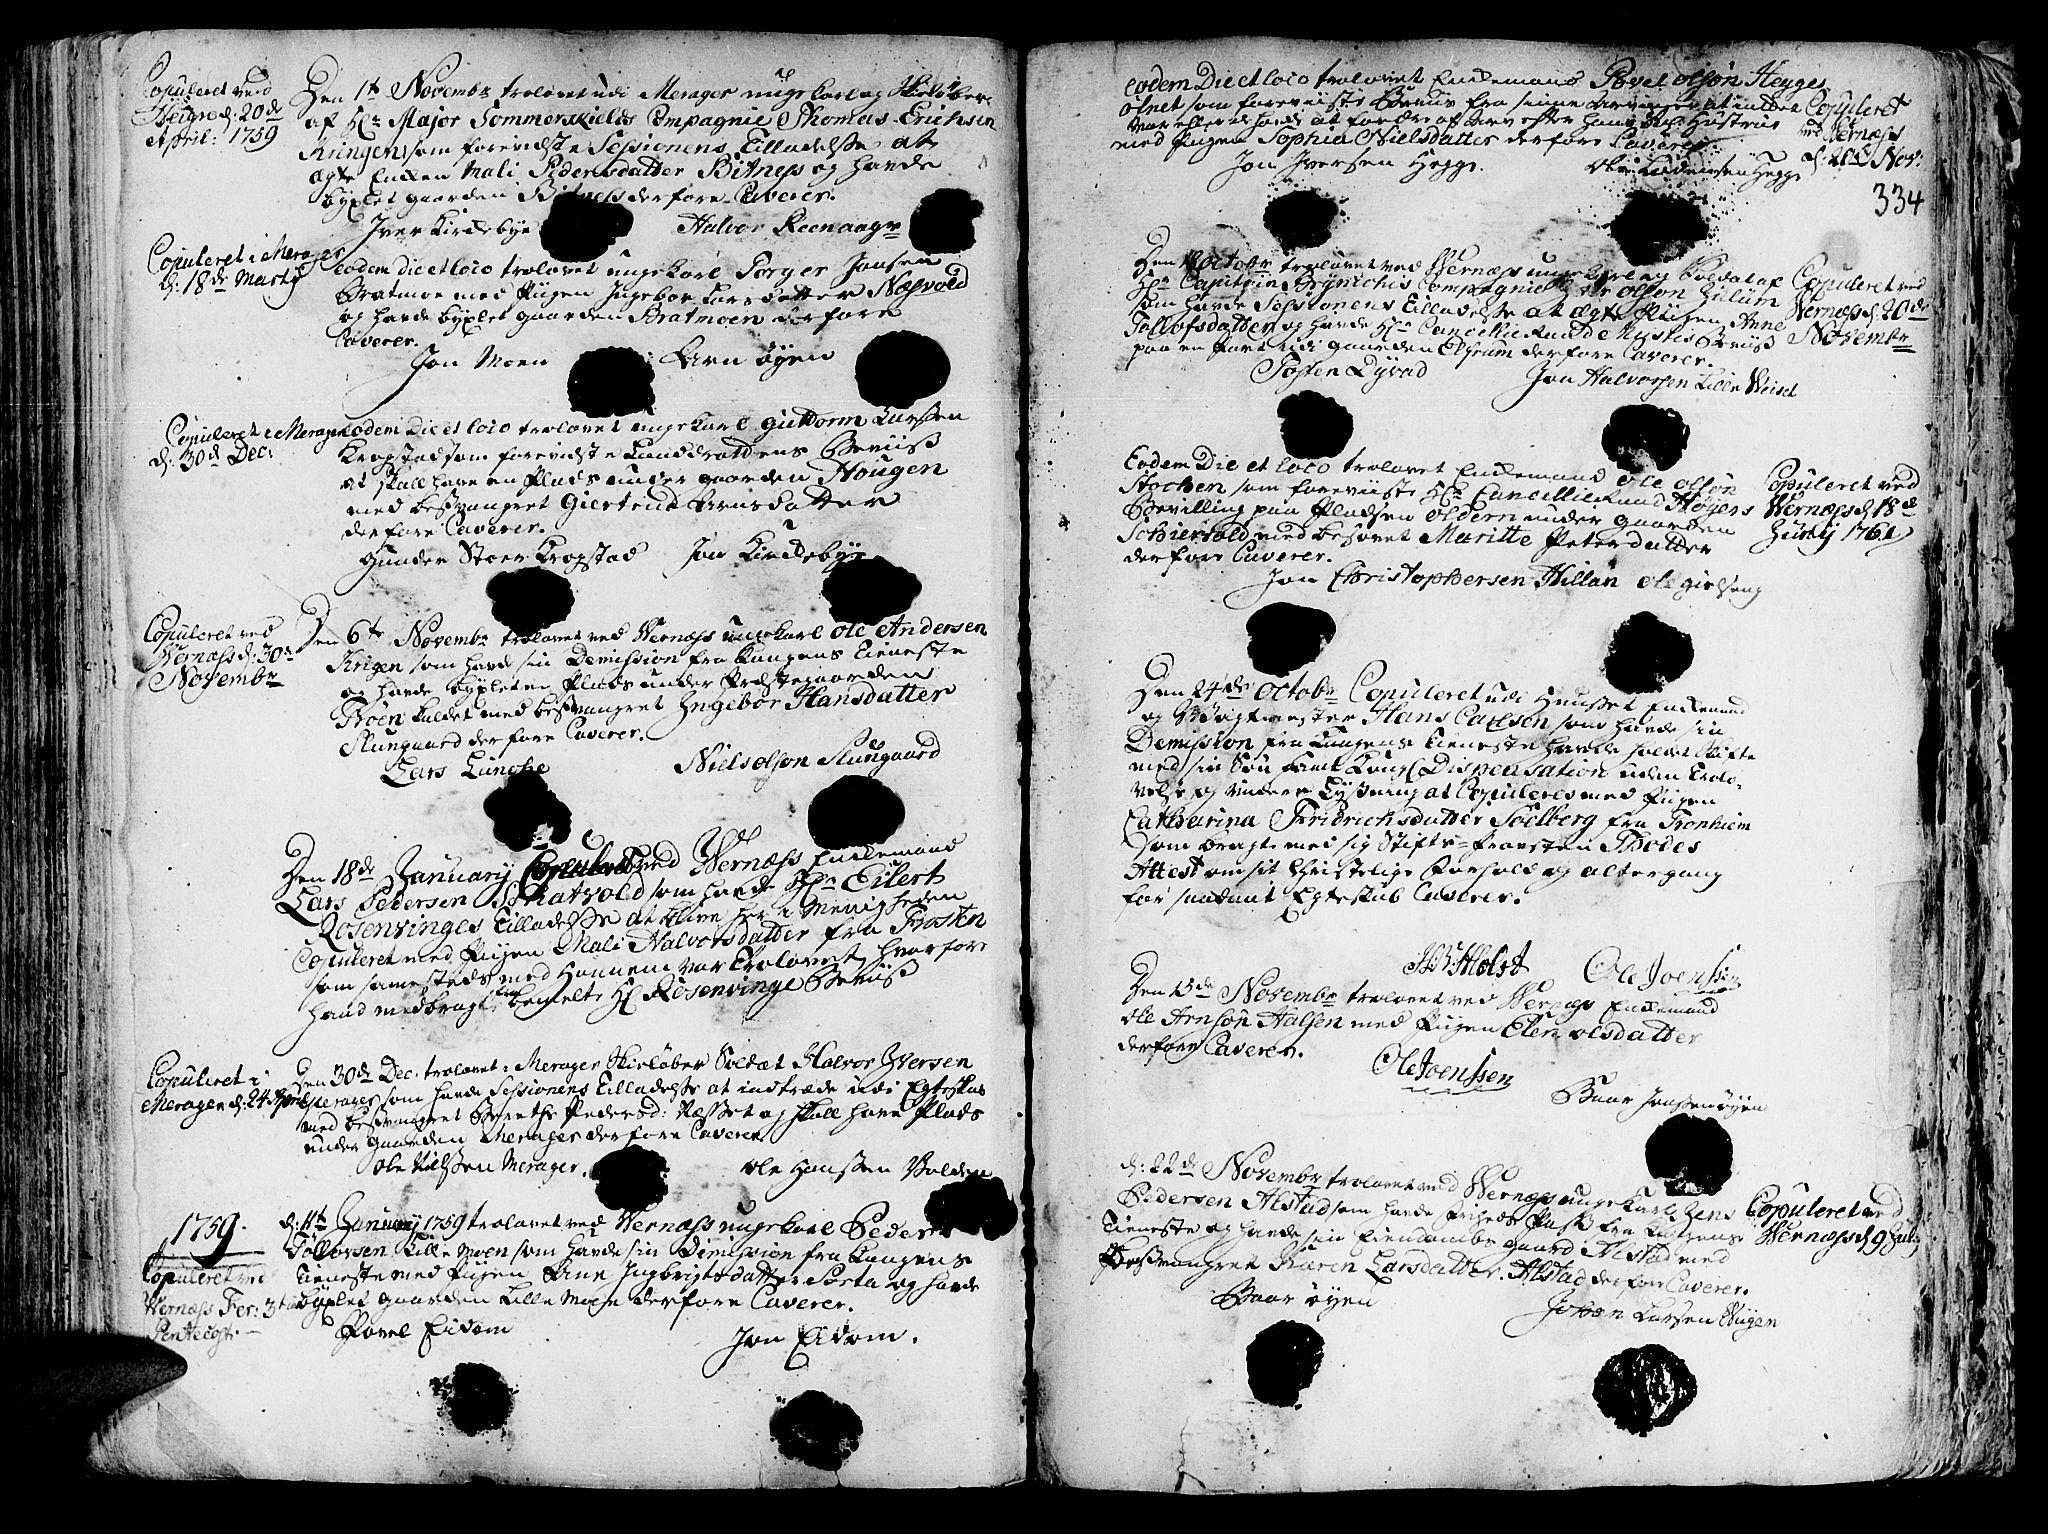 SAT, Ministerialprotokoller, klokkerbøker og fødselsregistre - Nord-Trøndelag, 709/L0057: Ministerialbok nr. 709A05, 1755-1780, s. 334